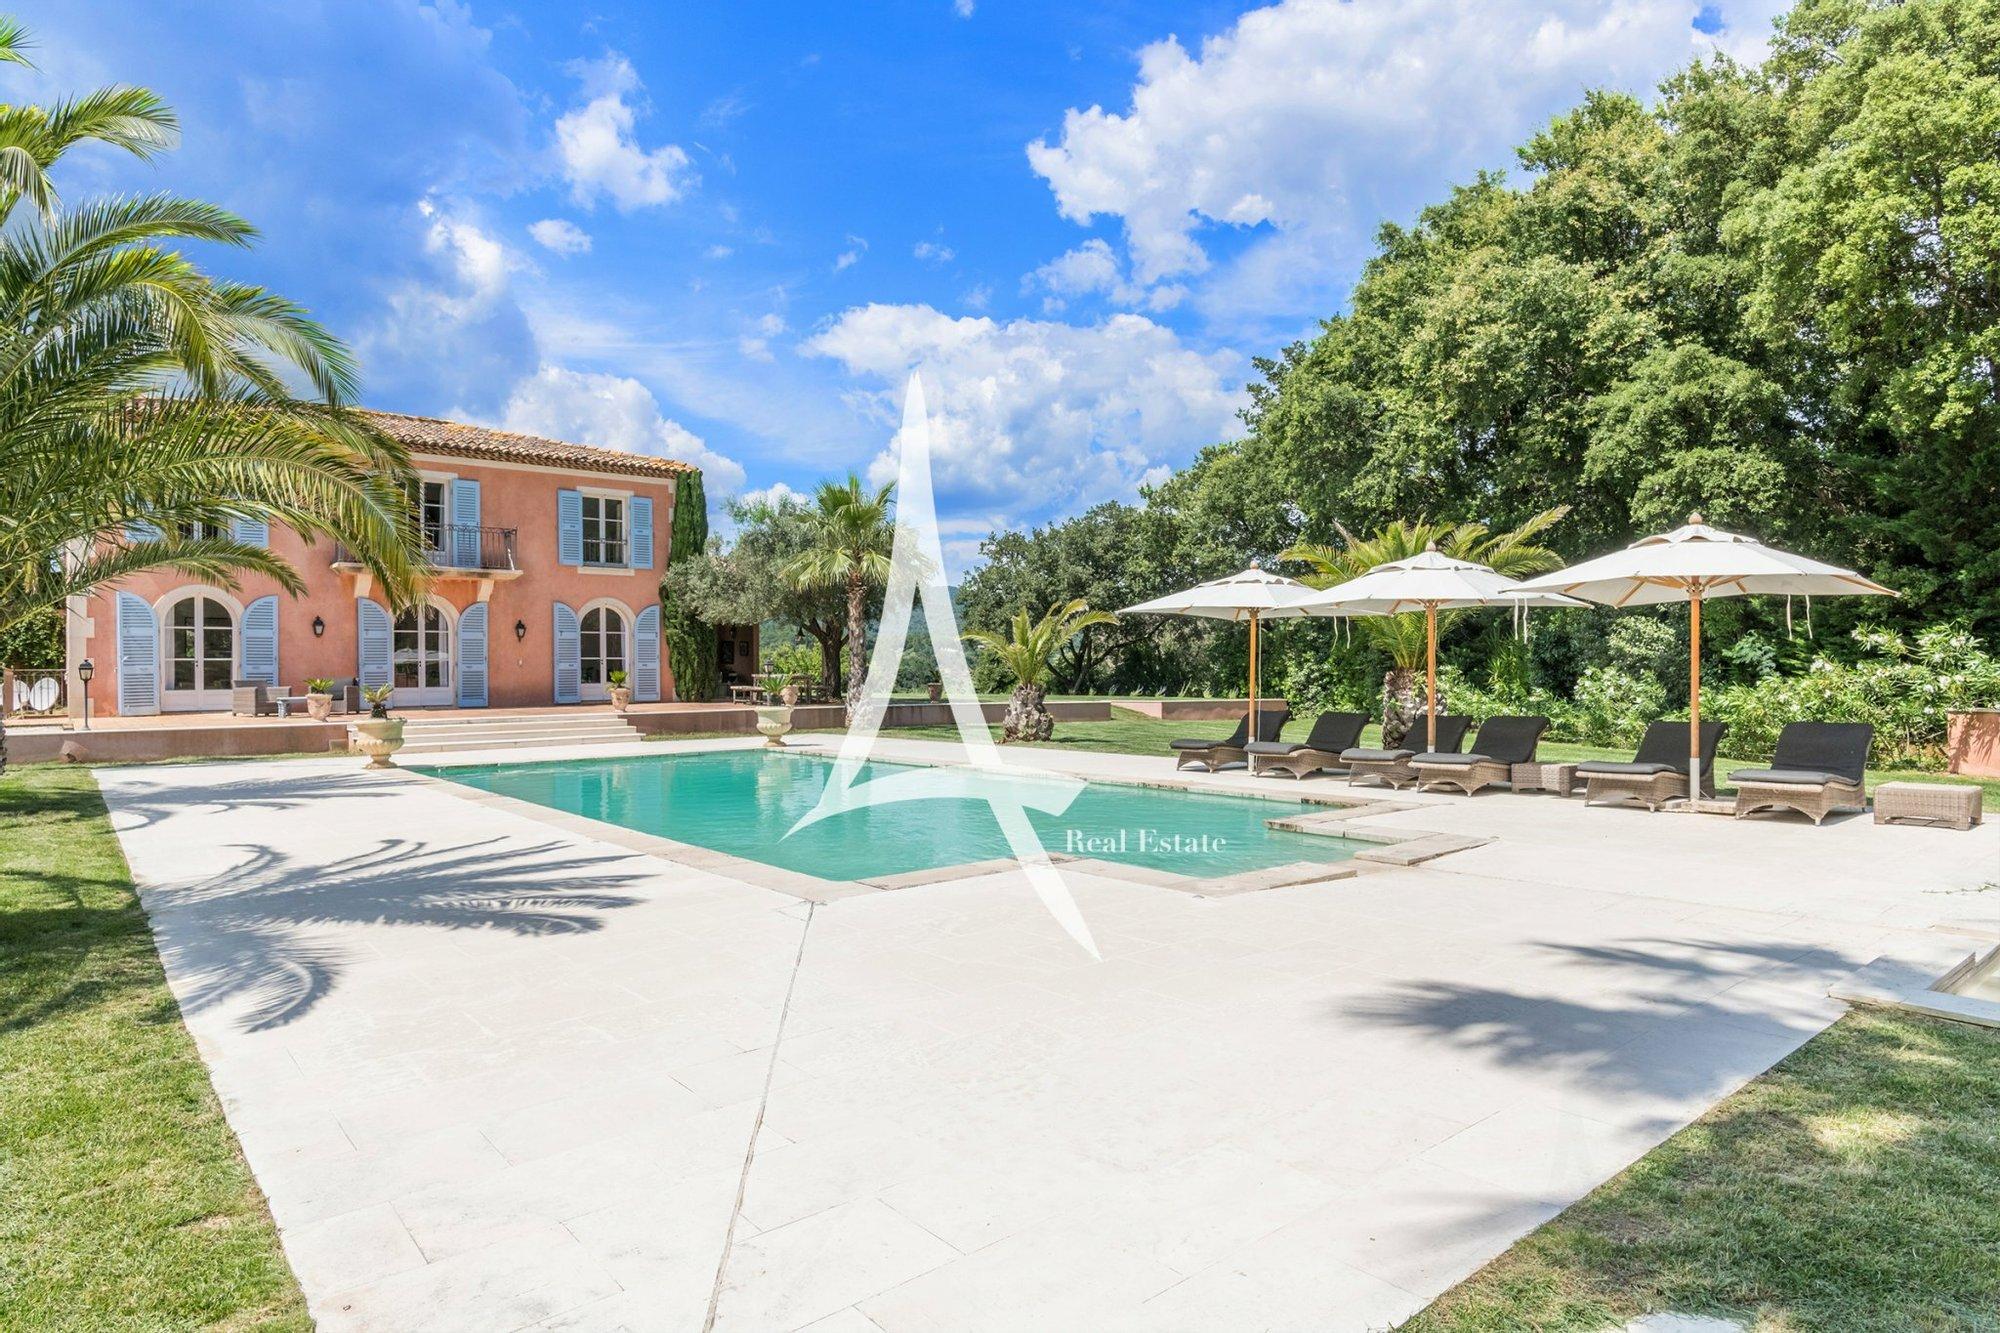 Castle in Grimaud, Provence-Alpes-Côte d'Azur, France 1